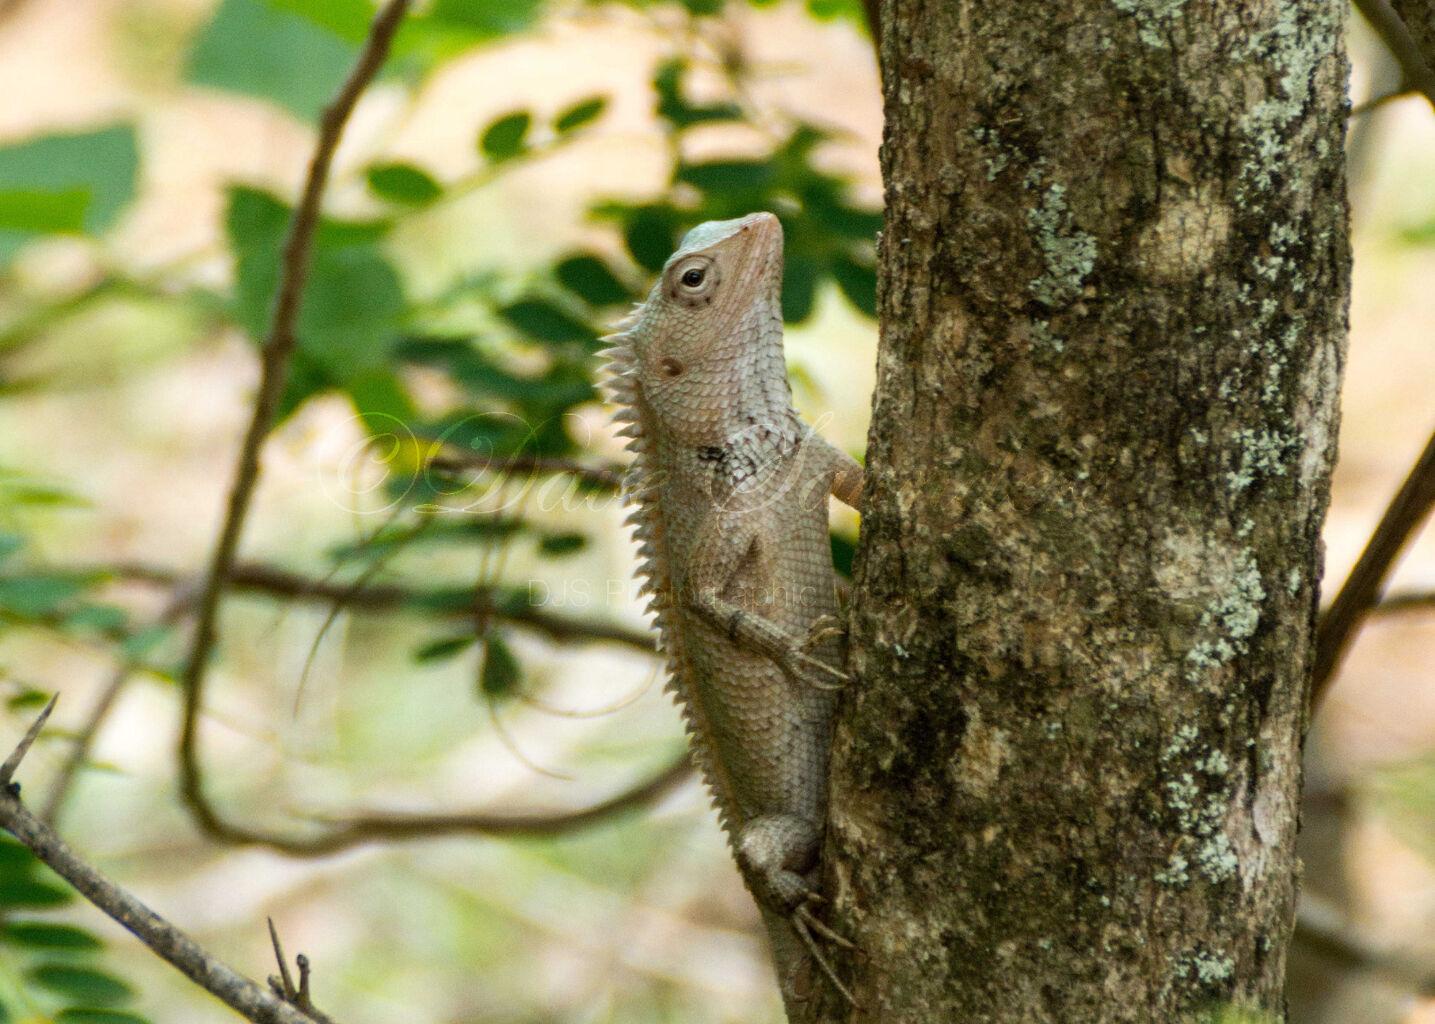 Indian chameleon (Chamaeleo zeylanicus)